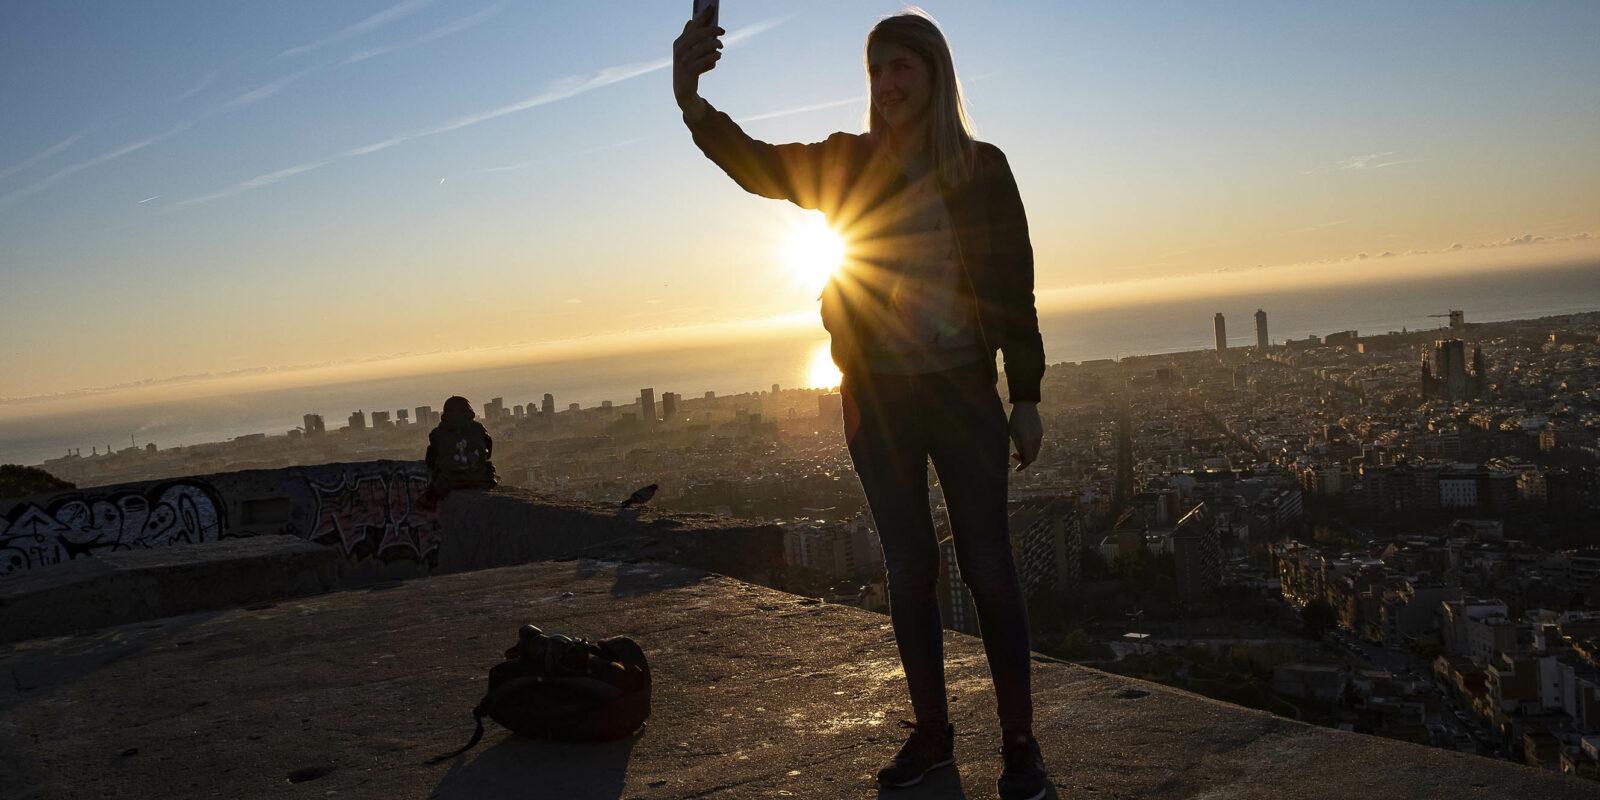 Una jove fent-se una selfie al mirador del Turó de la Rovira, en una imatge d'arxiu / Jordi Play